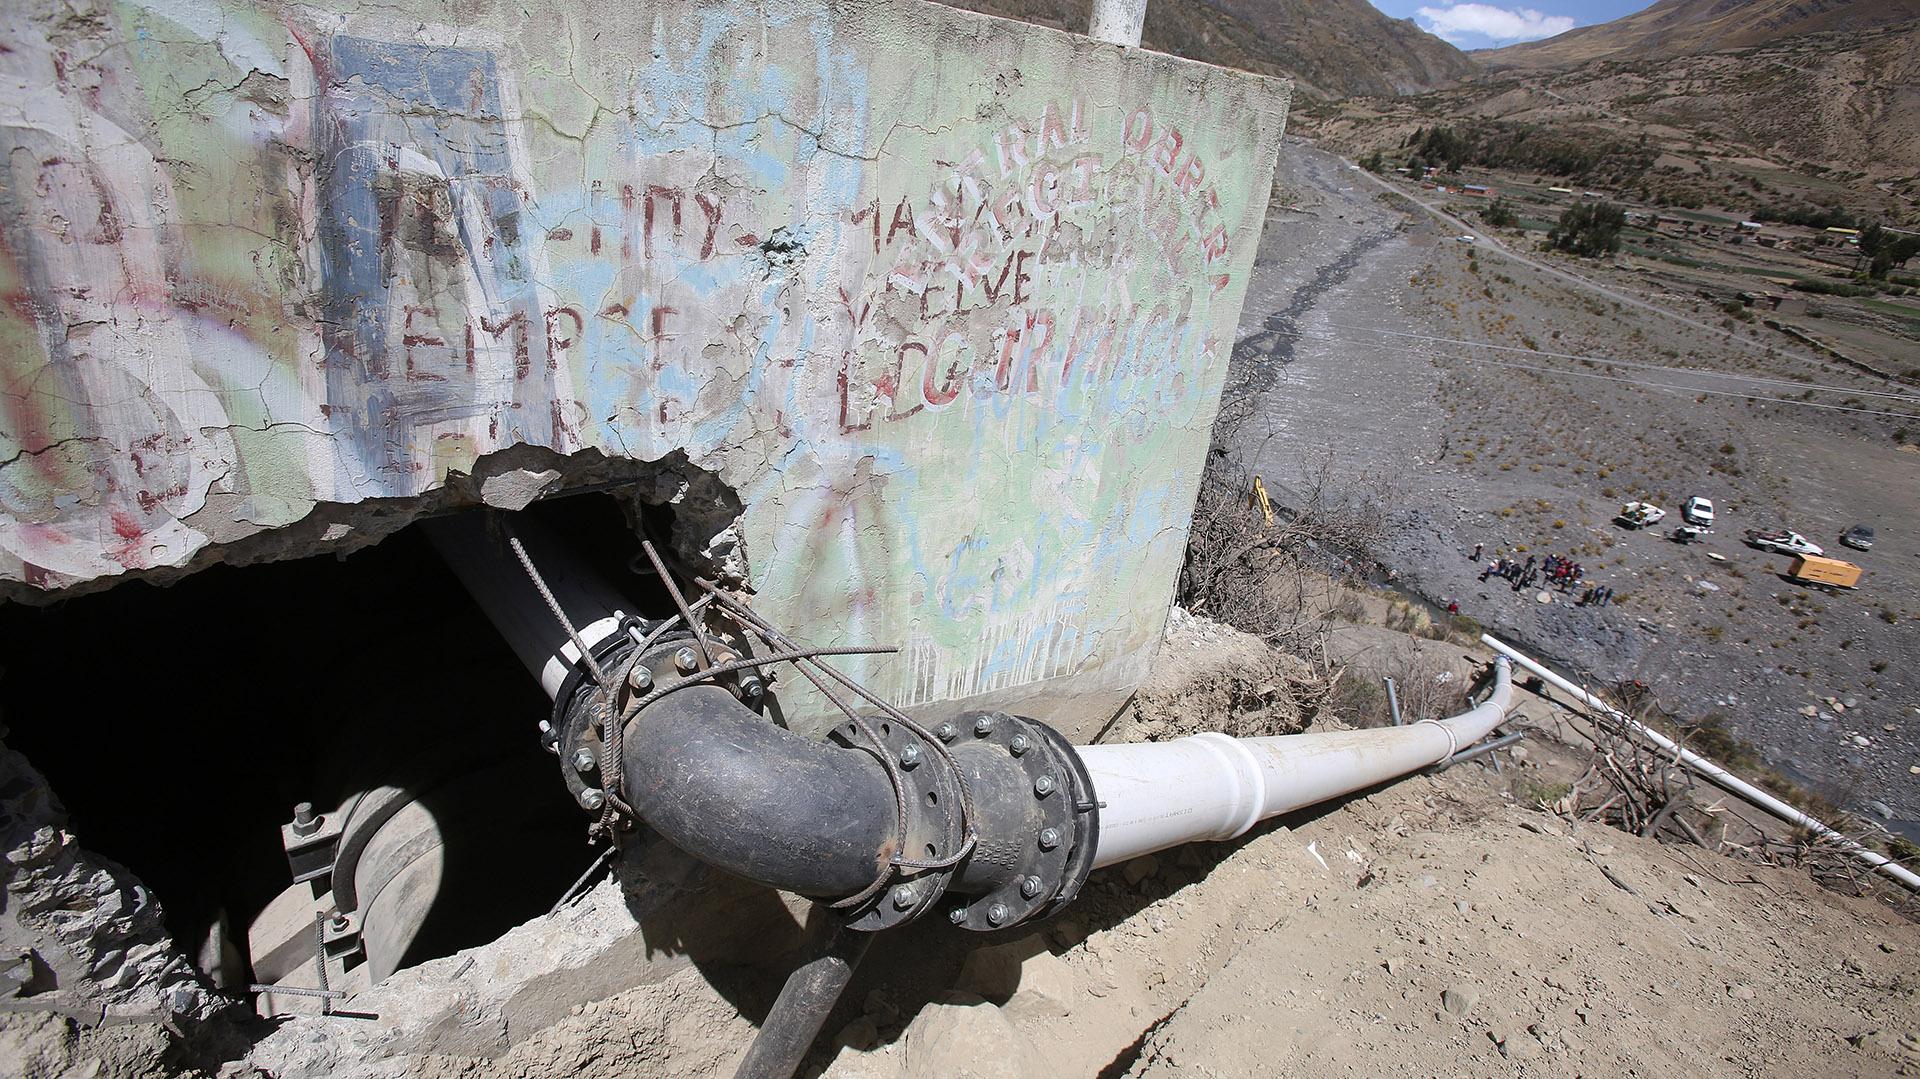 Obras en el sector de Collpani desde donde se intentará bombear agua para La Paz. El problema ha provocado que el presidente Evo Morales destituya a dos autoridades por su mala gestión ante la sequía (EFE)